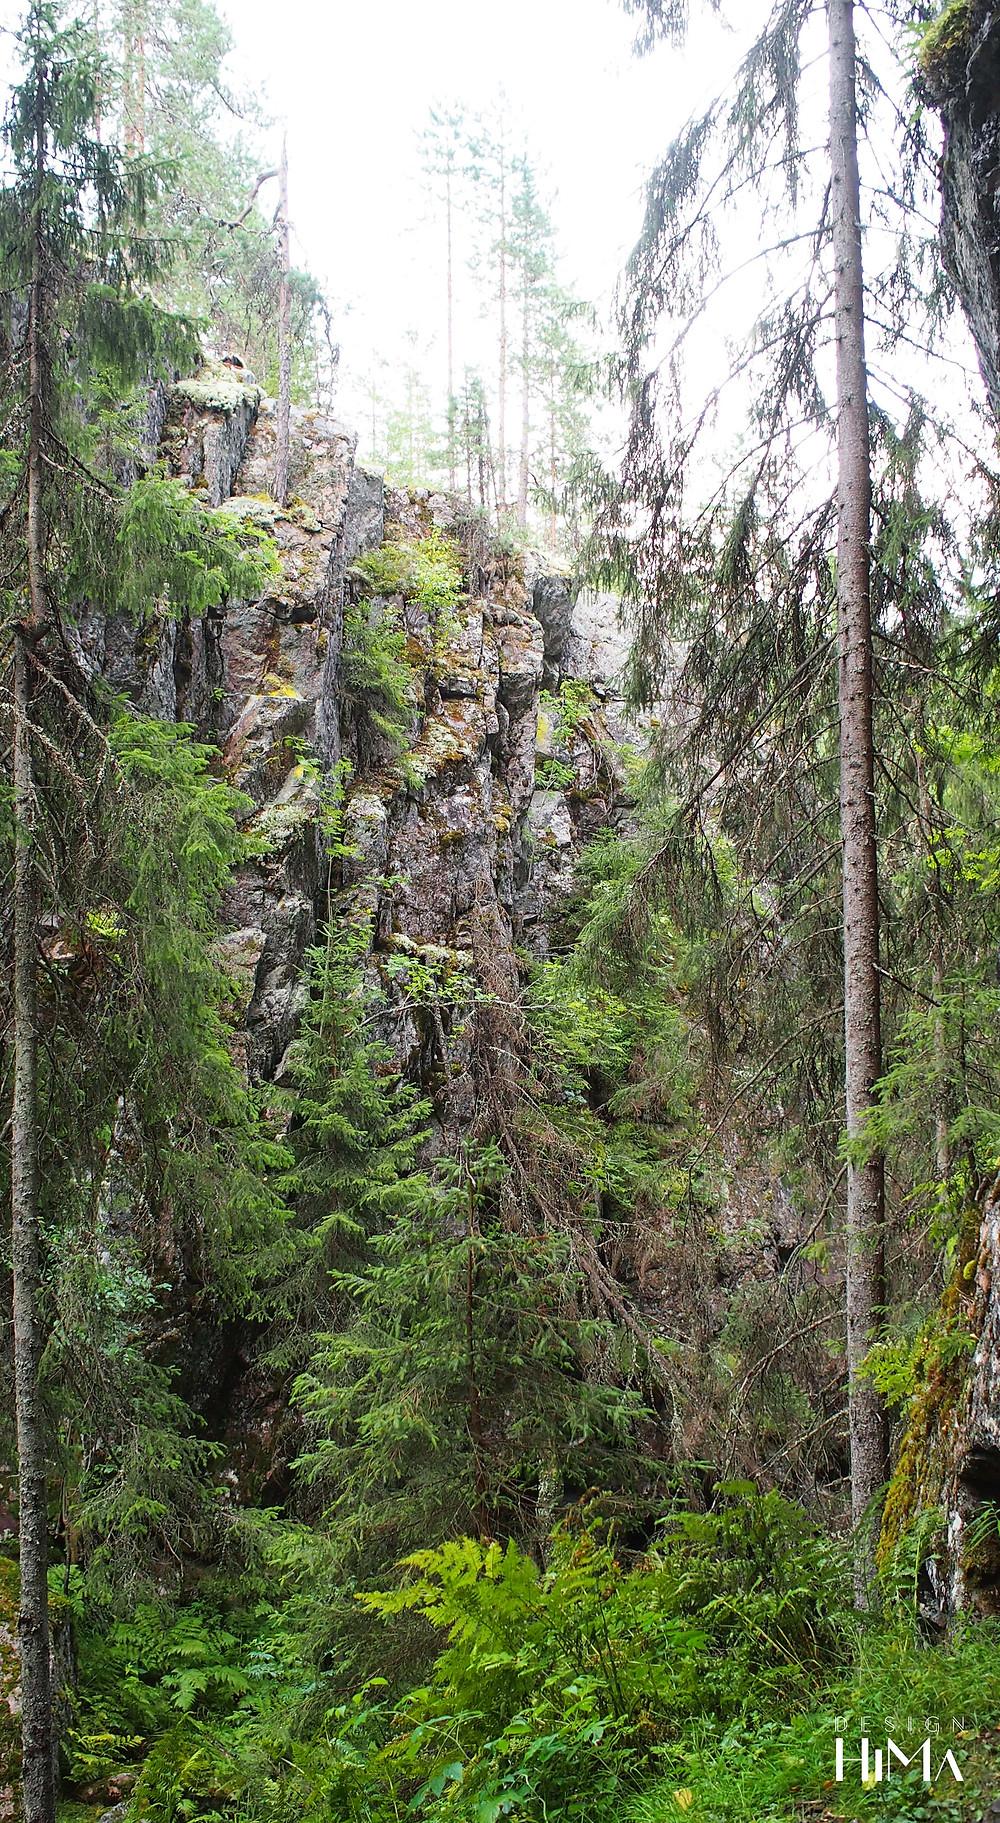 Hitonhauta kallio